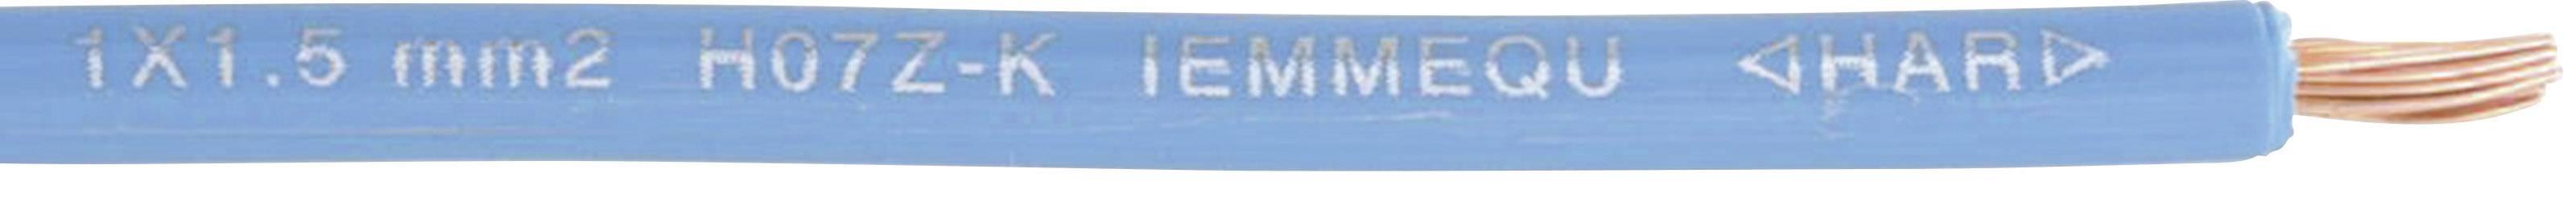 Opletenie / lanko Faber Kabel 040270 H07Z-K, 1 x 2.50 mm², vonkajší Ø 3.80 mm, 100 m, hnedá